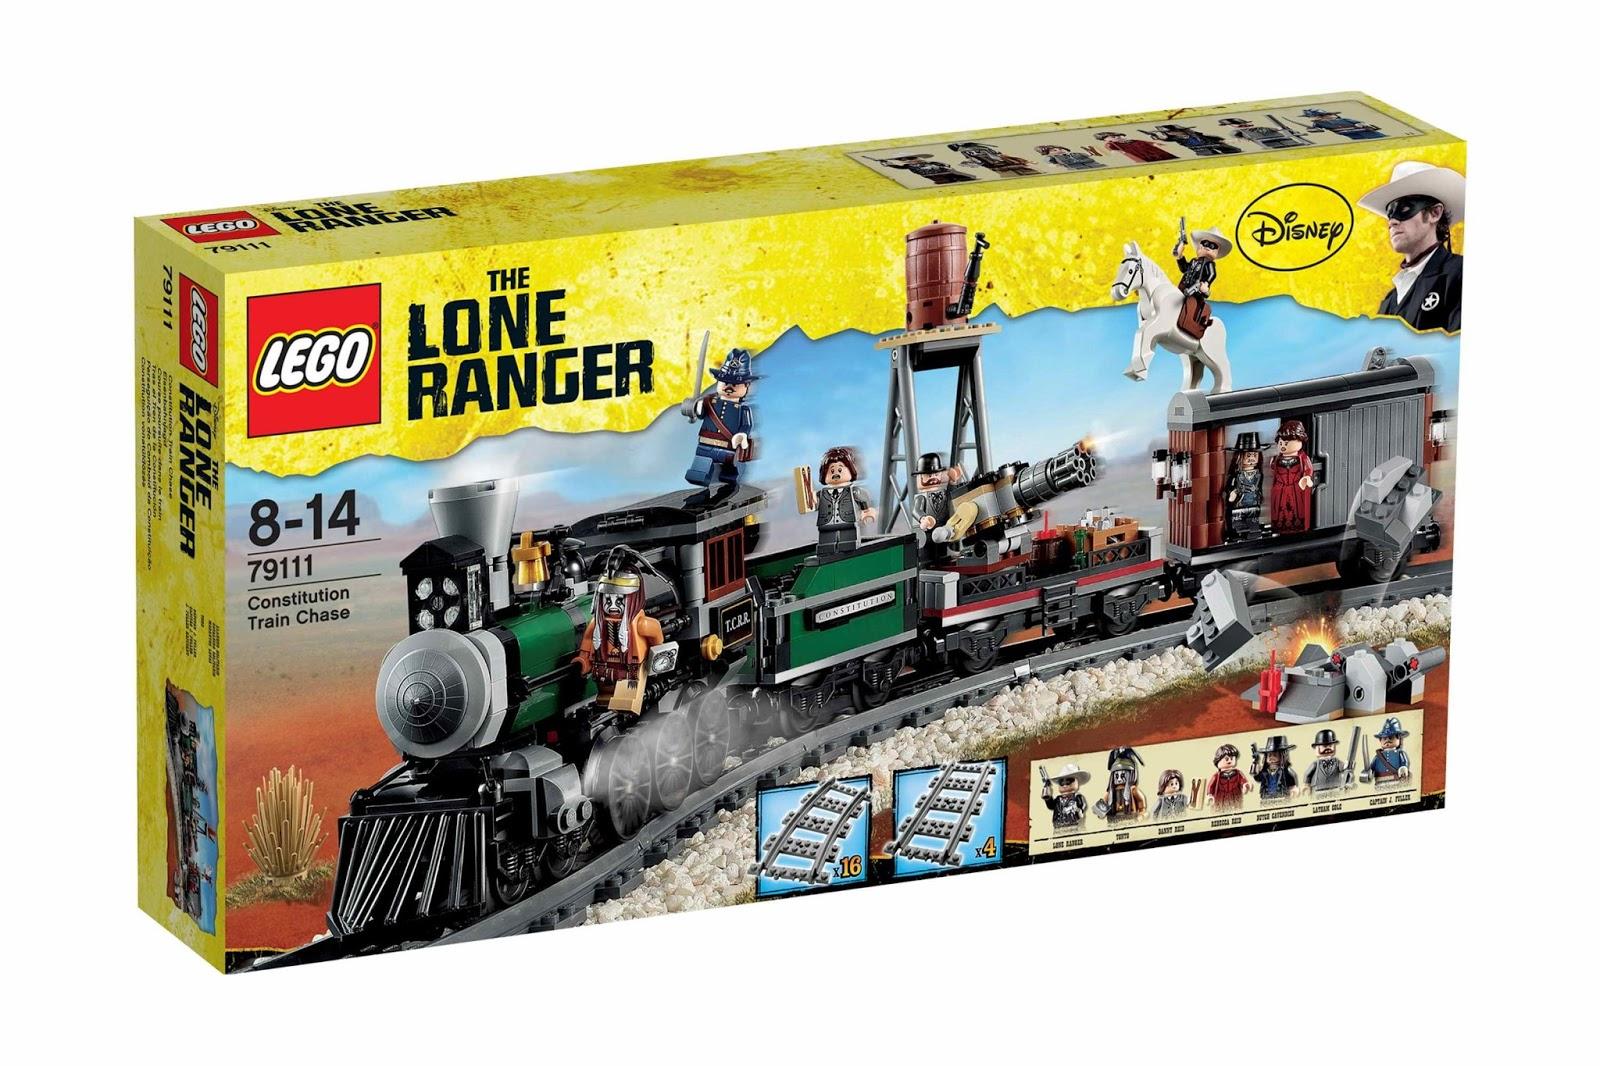 Lego box toys r us